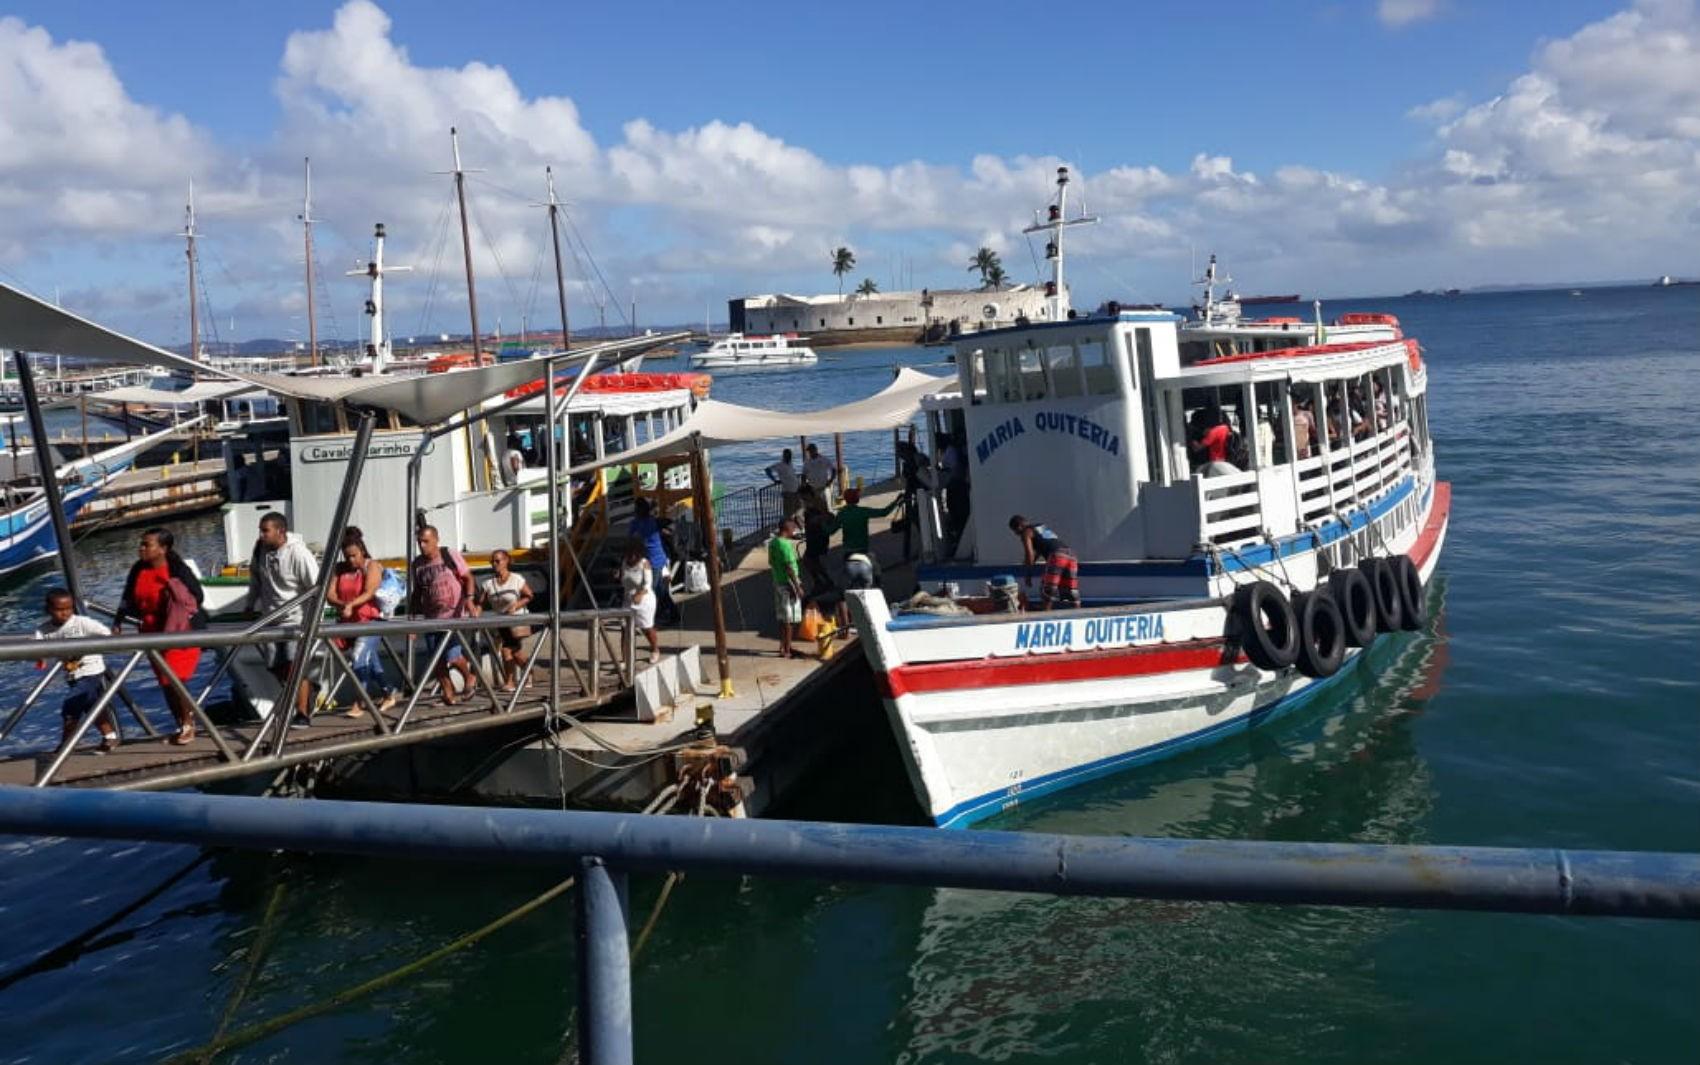 Travessia Salvador-Mar Grande volta a operar após quatro dias parada por causa do mau tempo